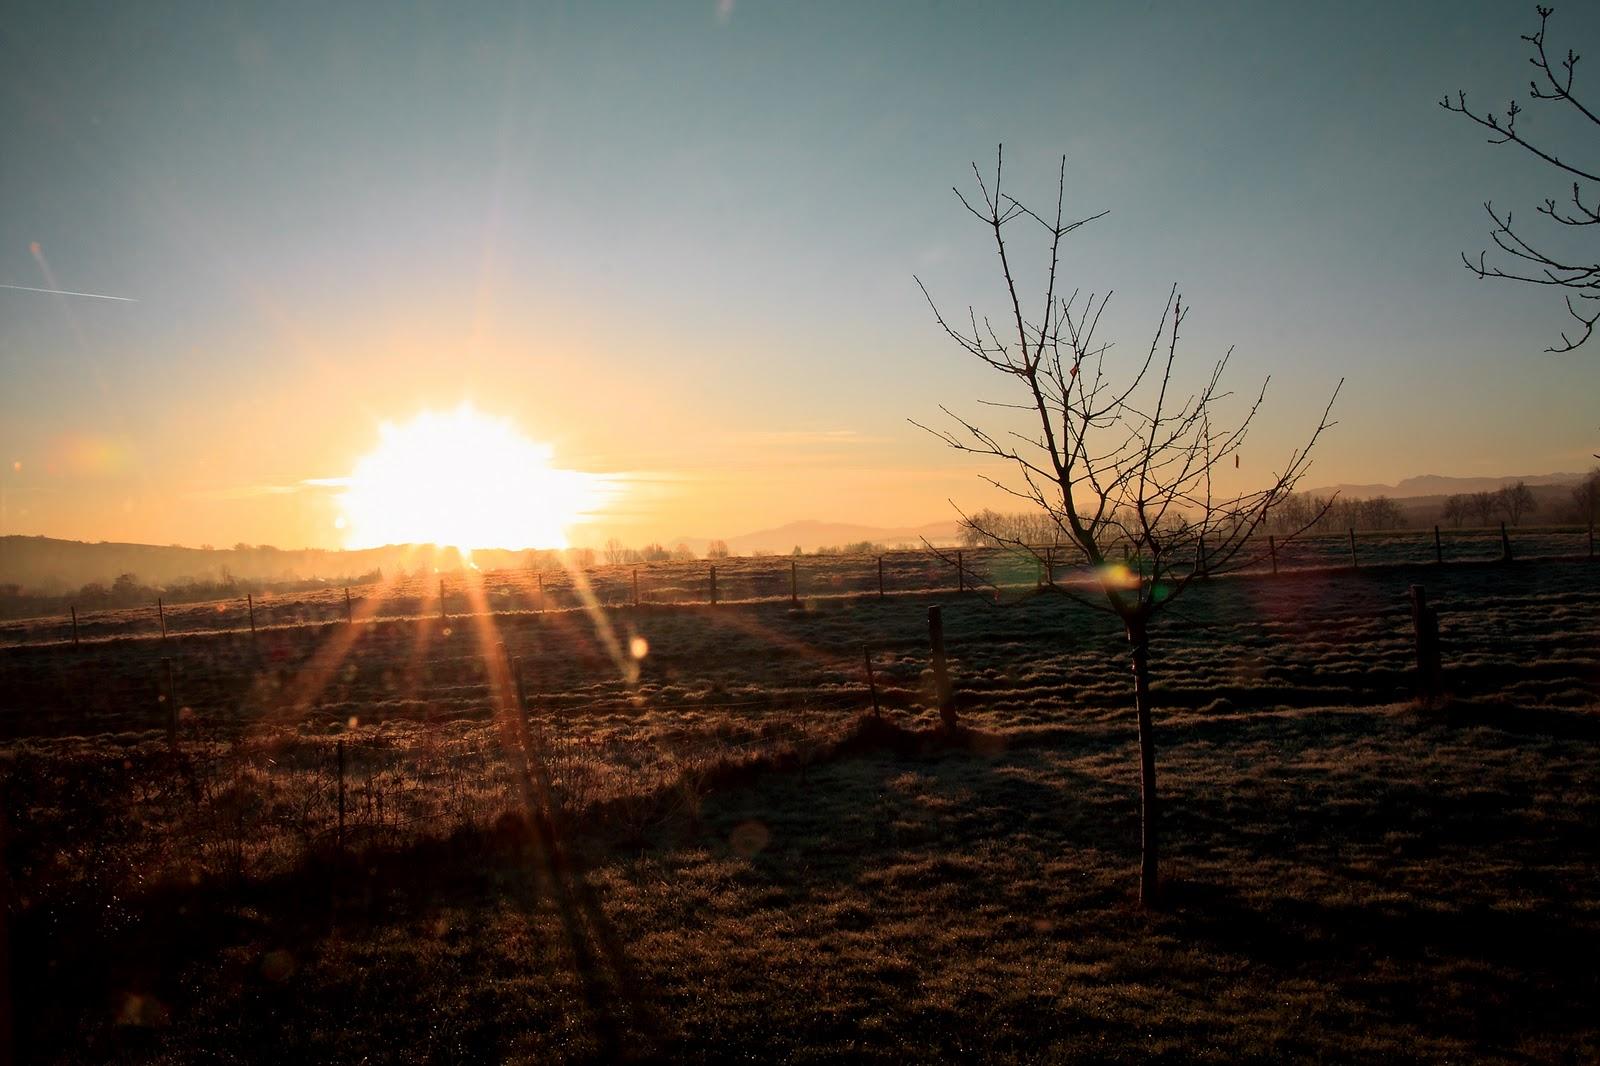 le soleil se leve de quel cote